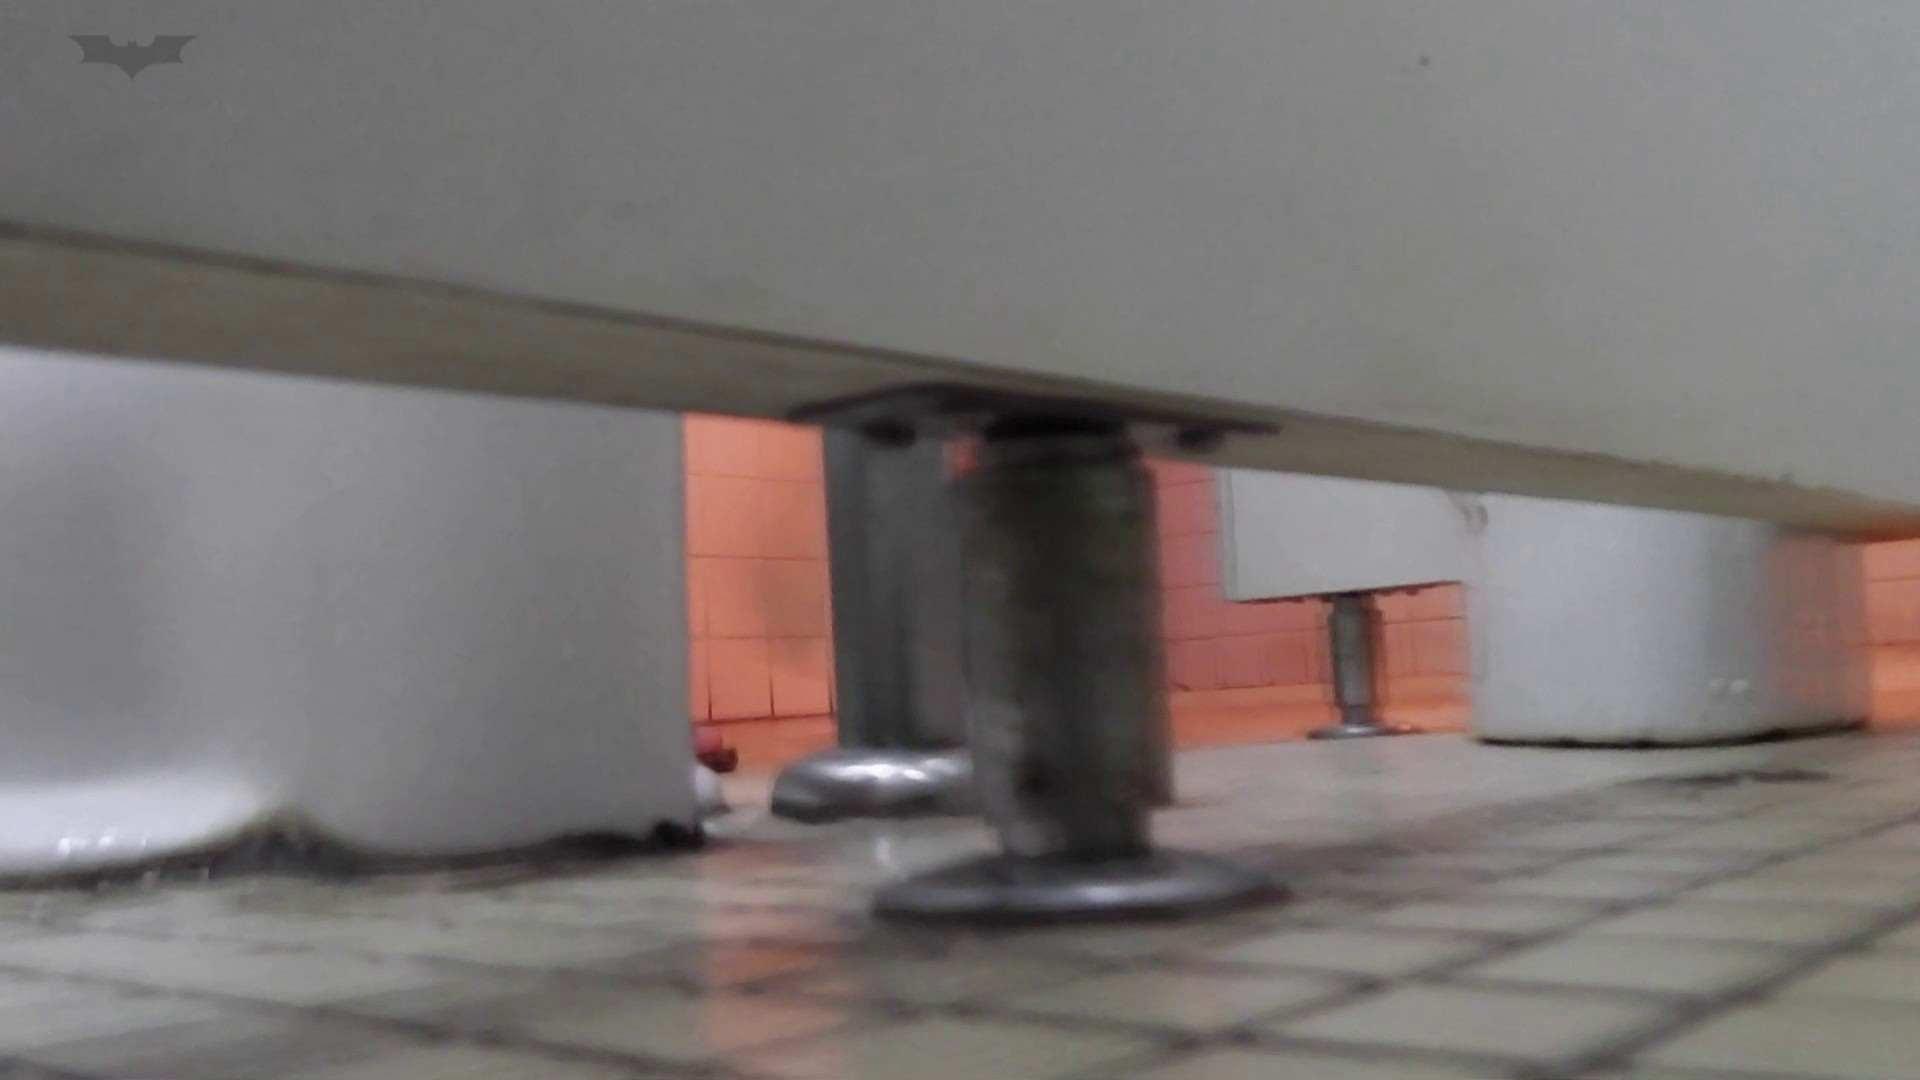 無修正エロ動画|▲復活限定▲マンコ丸見え!花火大会潜入撮 Vol.03浴衣じゃないケド・・・。|怪盗ジョーカー